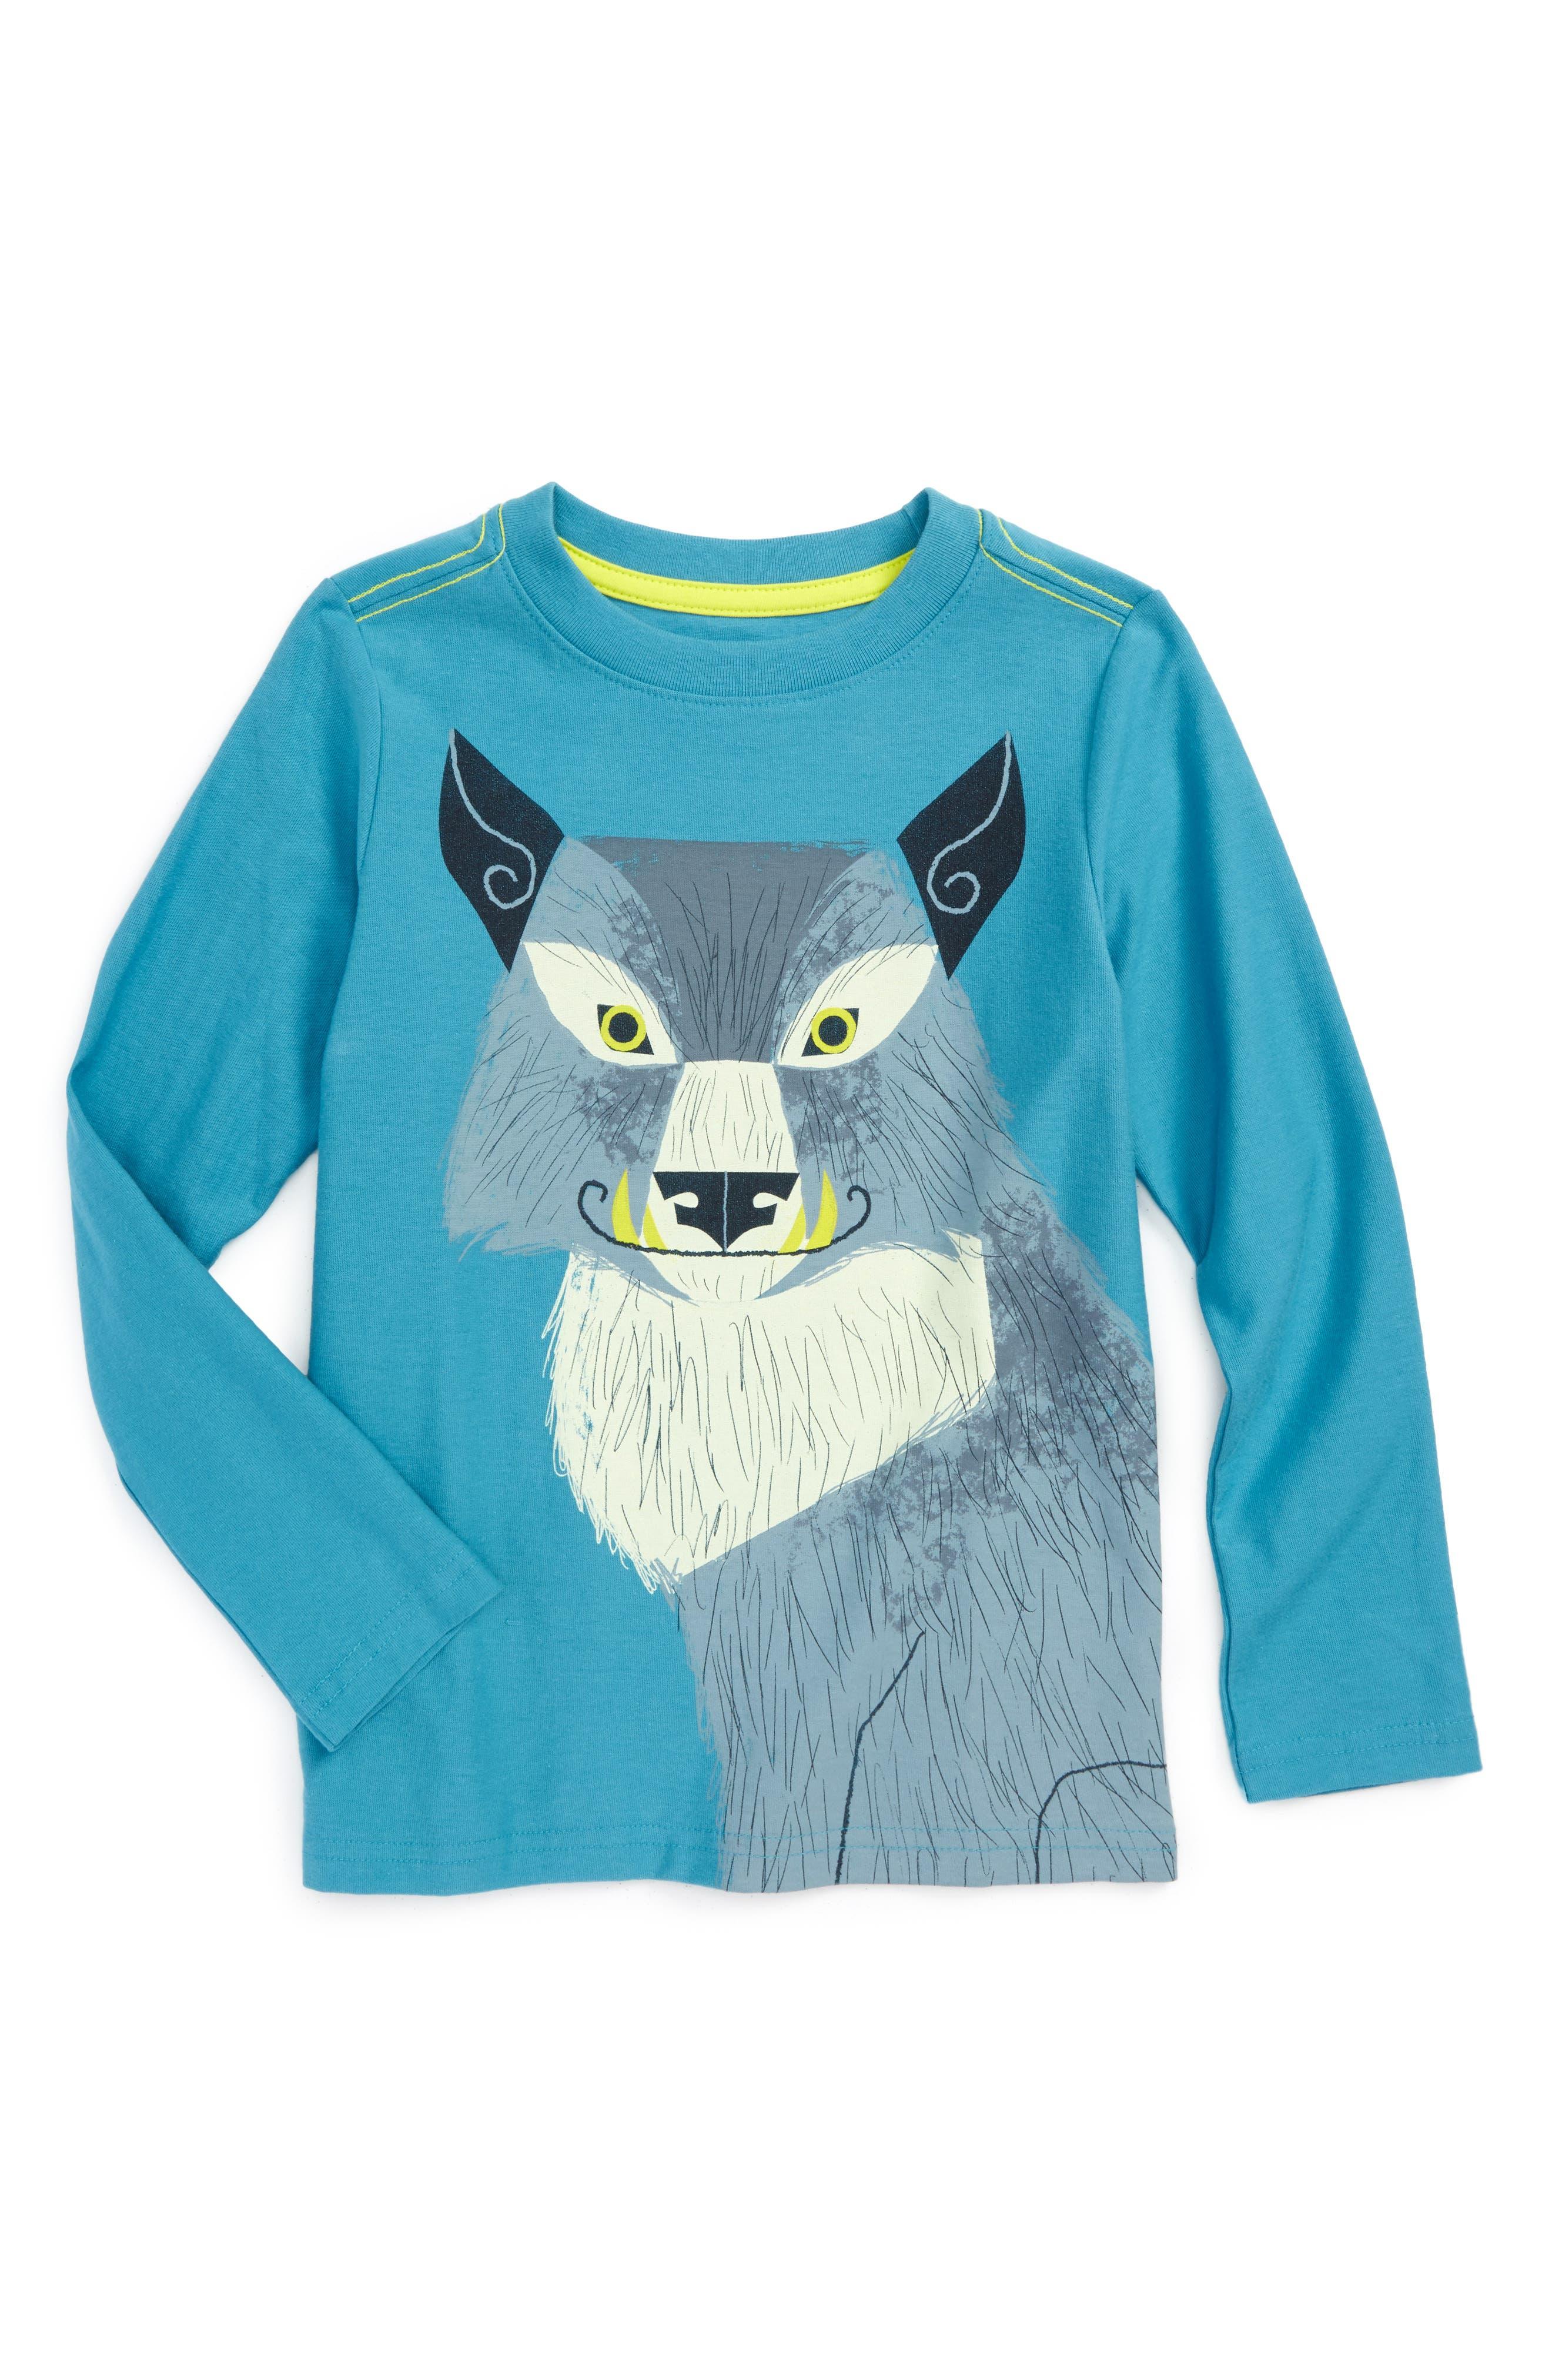 Tea Collection Wulver Graphic T-Shirt (Toddler Boys & Little Boys)